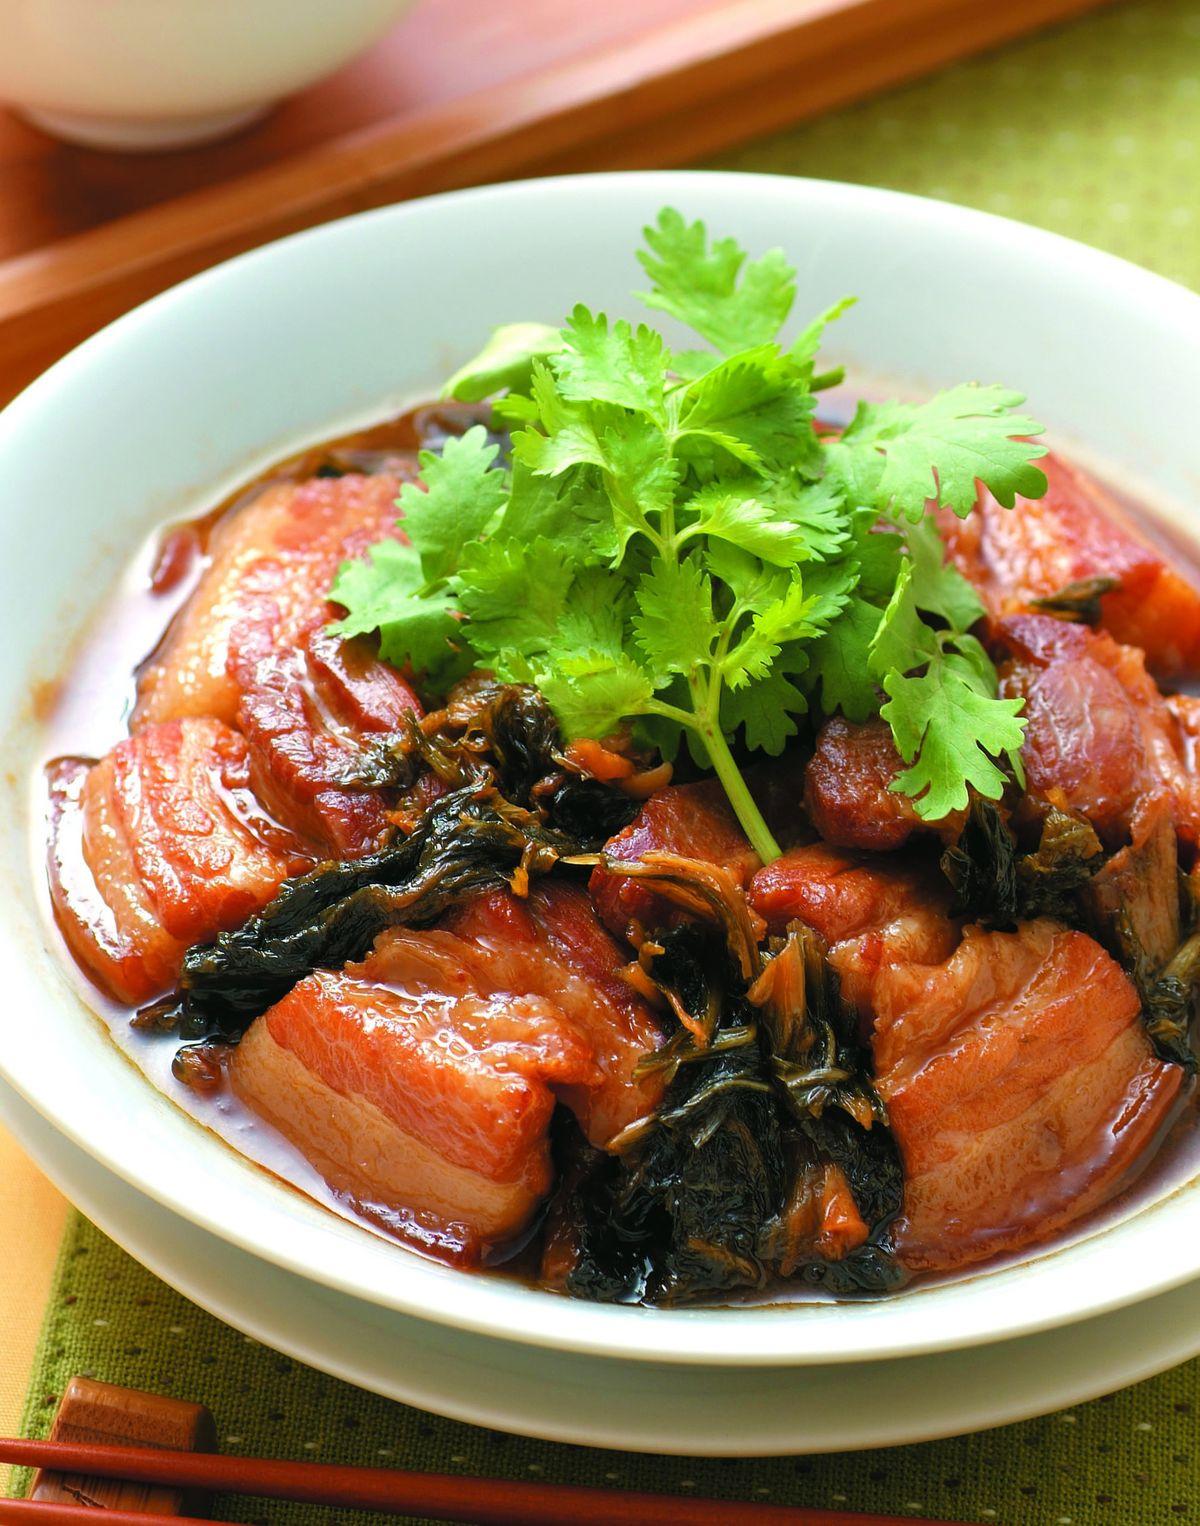 食譜:梅干扣肉(7)